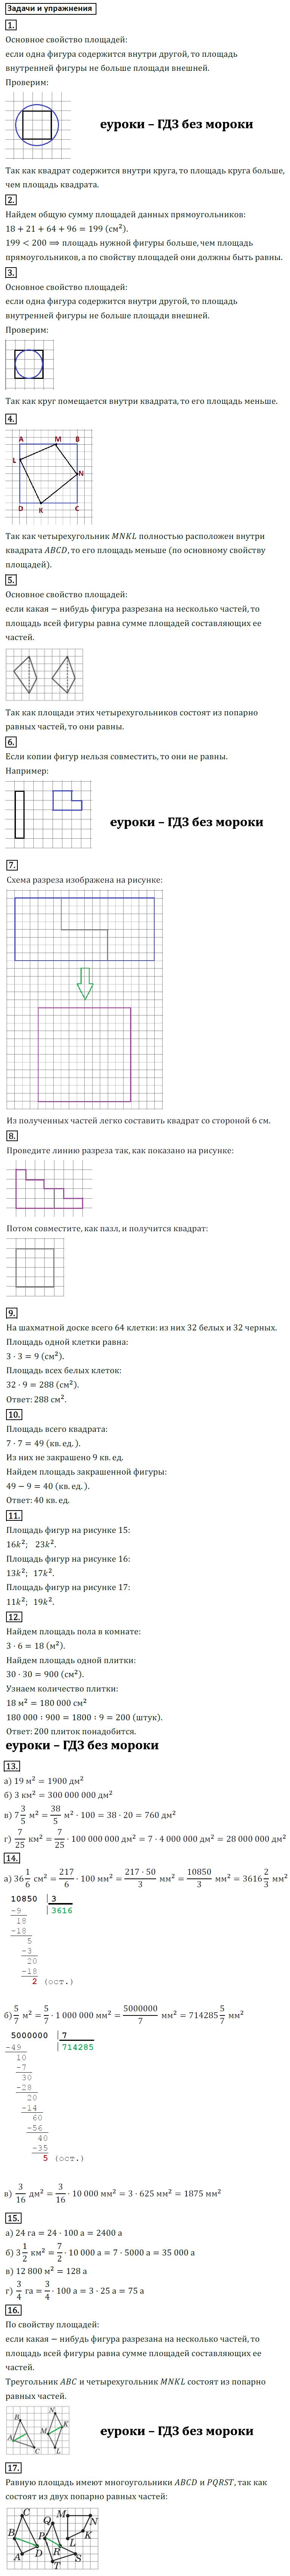 ГДЗ по математике 5 класс Козлов, Никитин Русское Слово ответы и решения онлайн Глава 12. Площадь, §1. Понятие площади. Задание: Задачи и упражнения